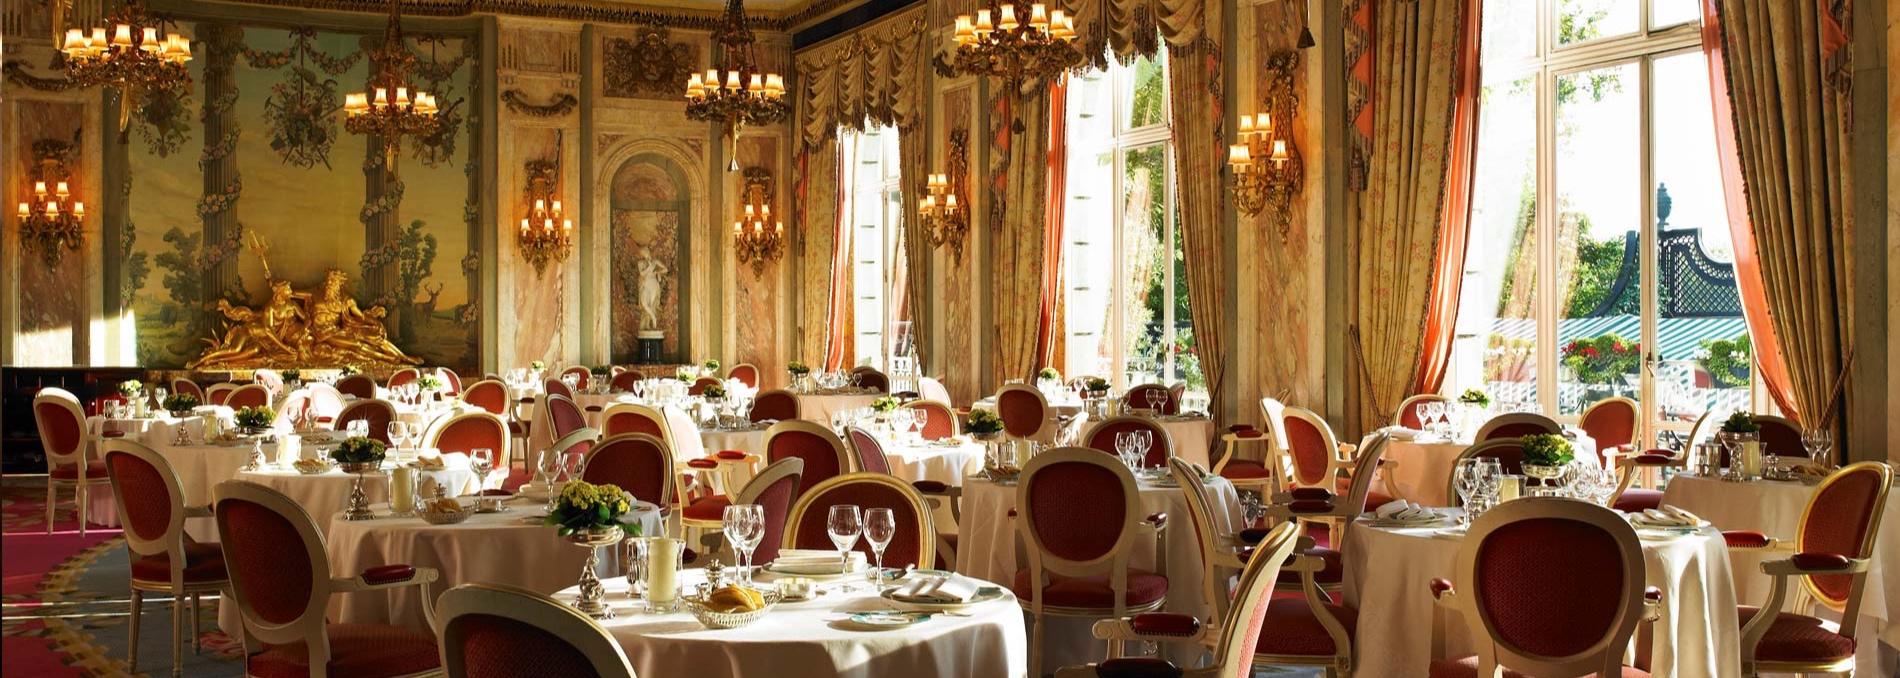 Dining Etiquette -